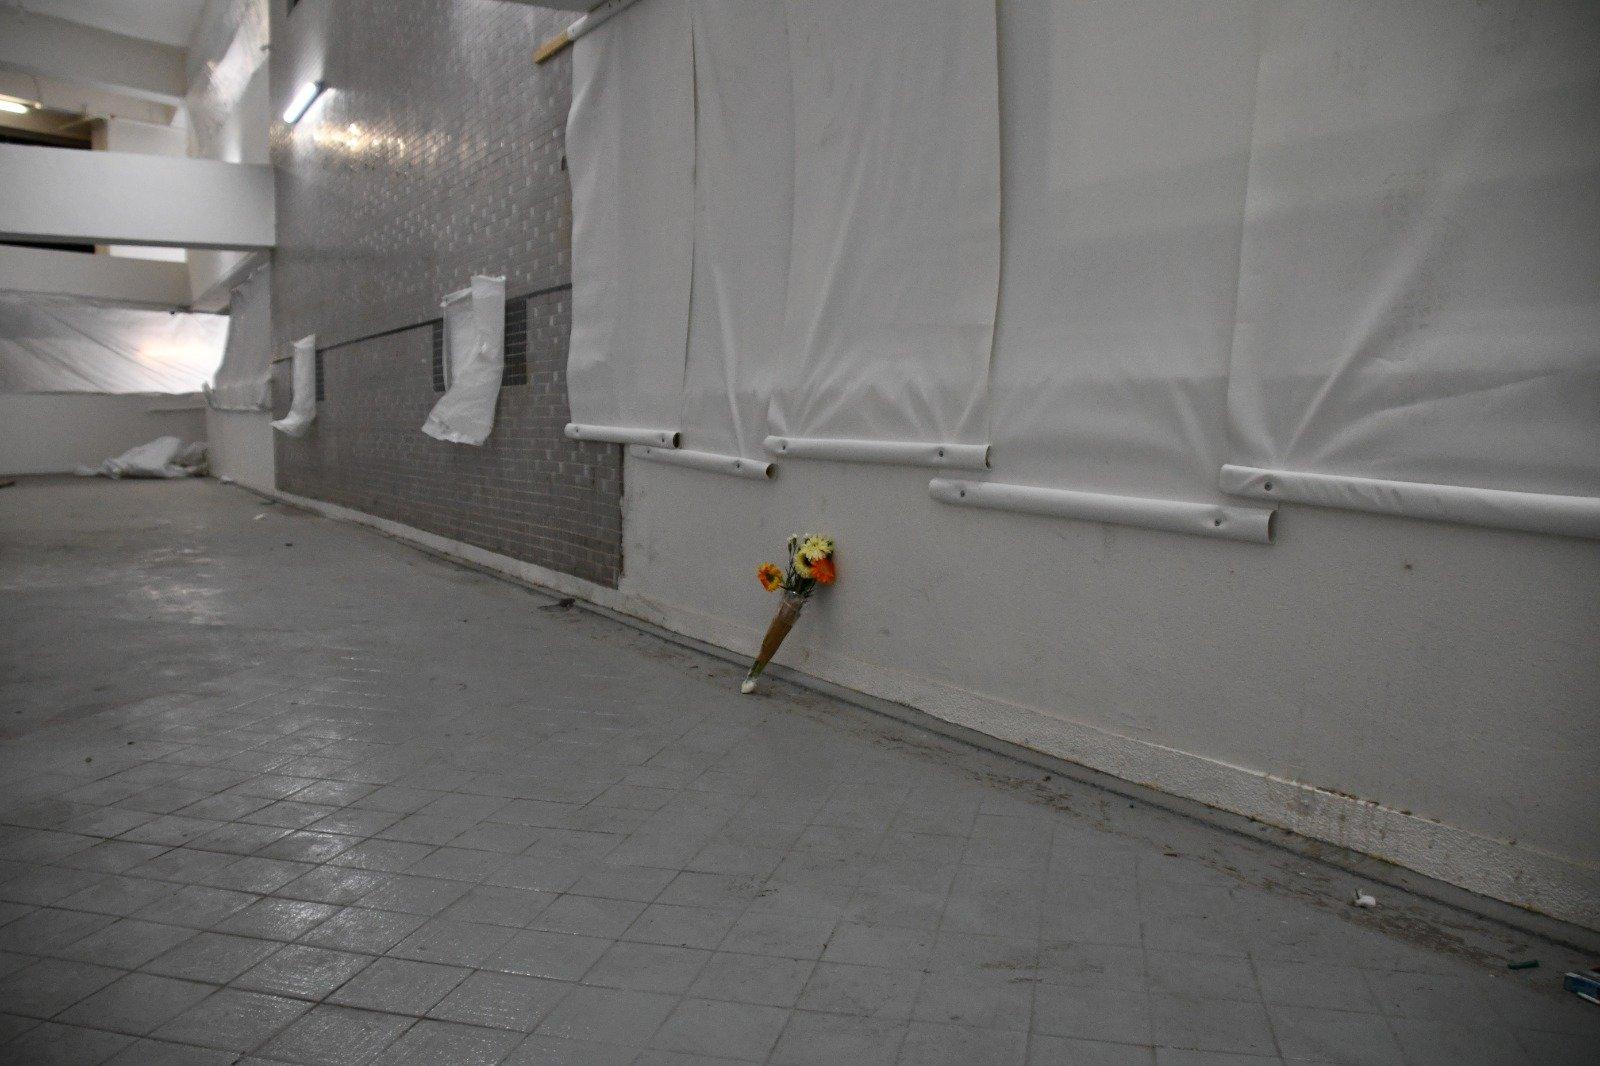 尚德停車場二樓周梓樂墮樓位置,有市民擺放鮮花悼念。(攝影:Big Mack/大紀元)